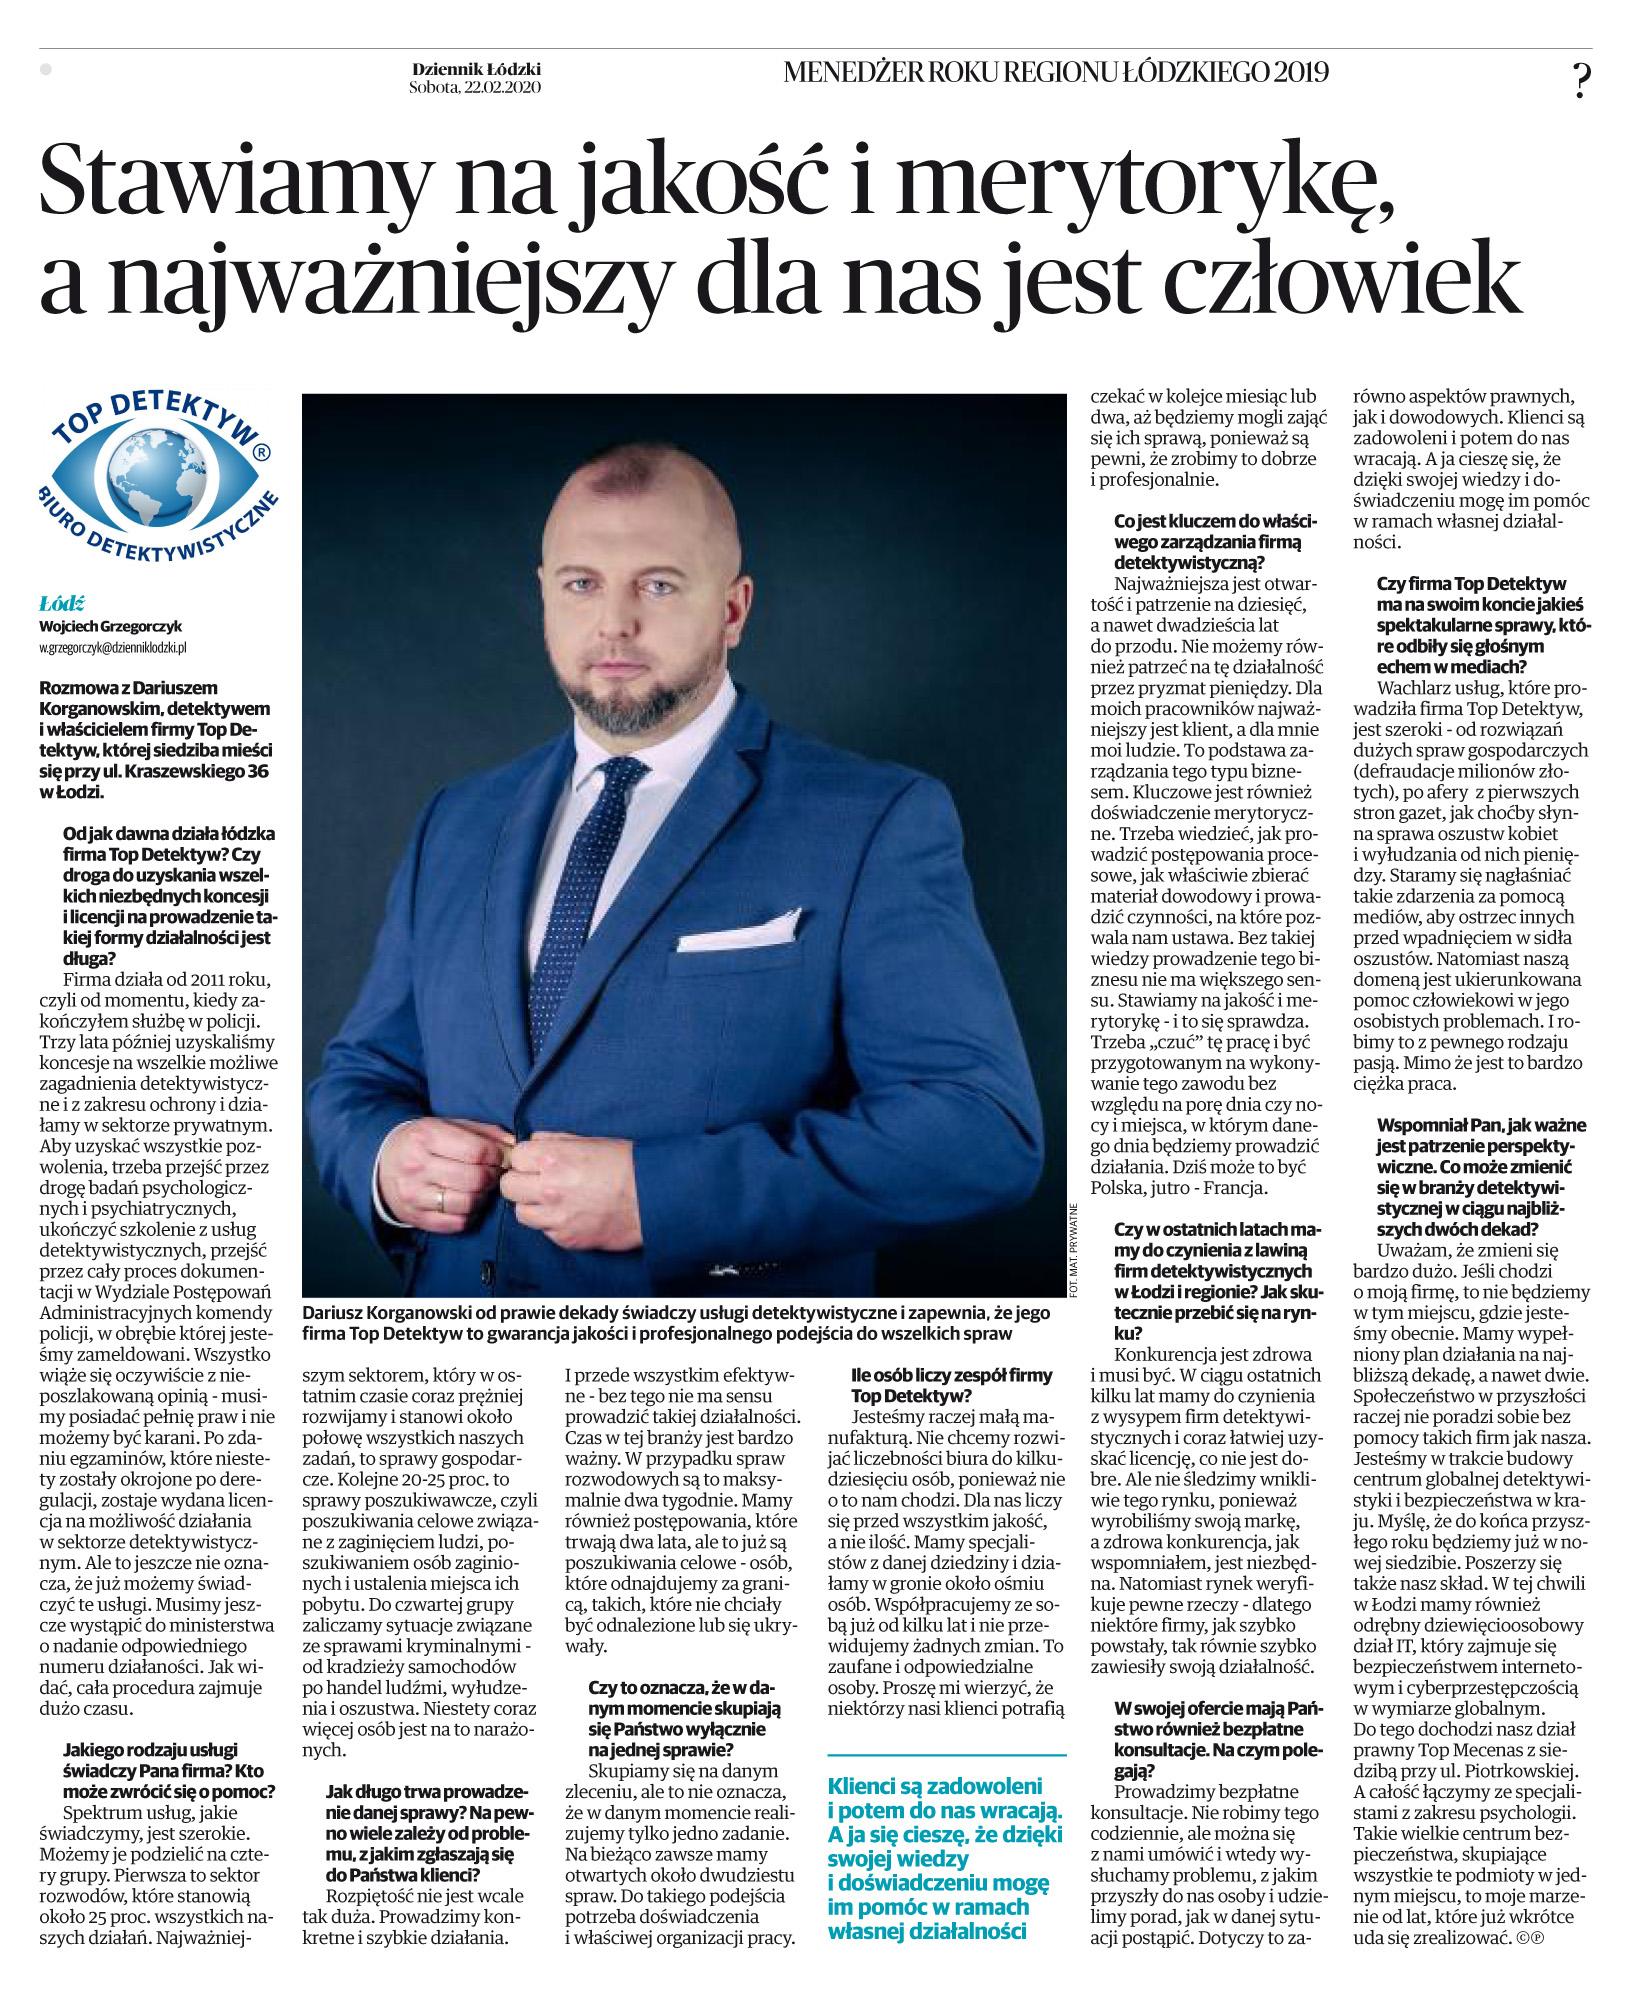 LO Menedżer Roku - 2020 - Top Detektyw - Dziennik Łódzki